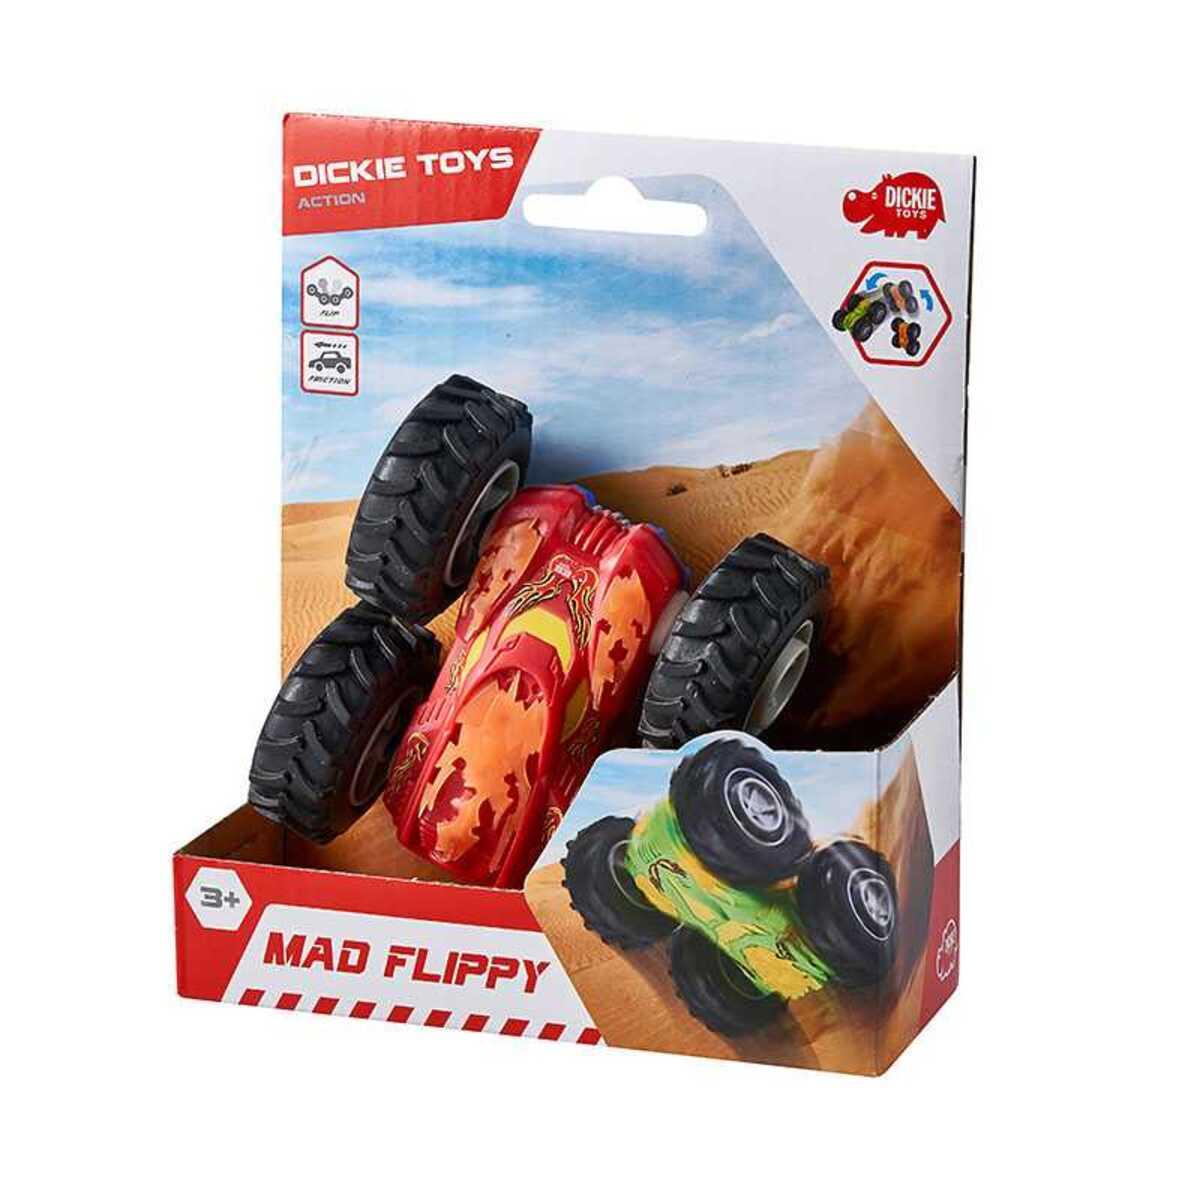 """Bild 5 von Dickie Toys """"Crazy Flippy"""" Spielzeugauto, verschiedene Farben"""